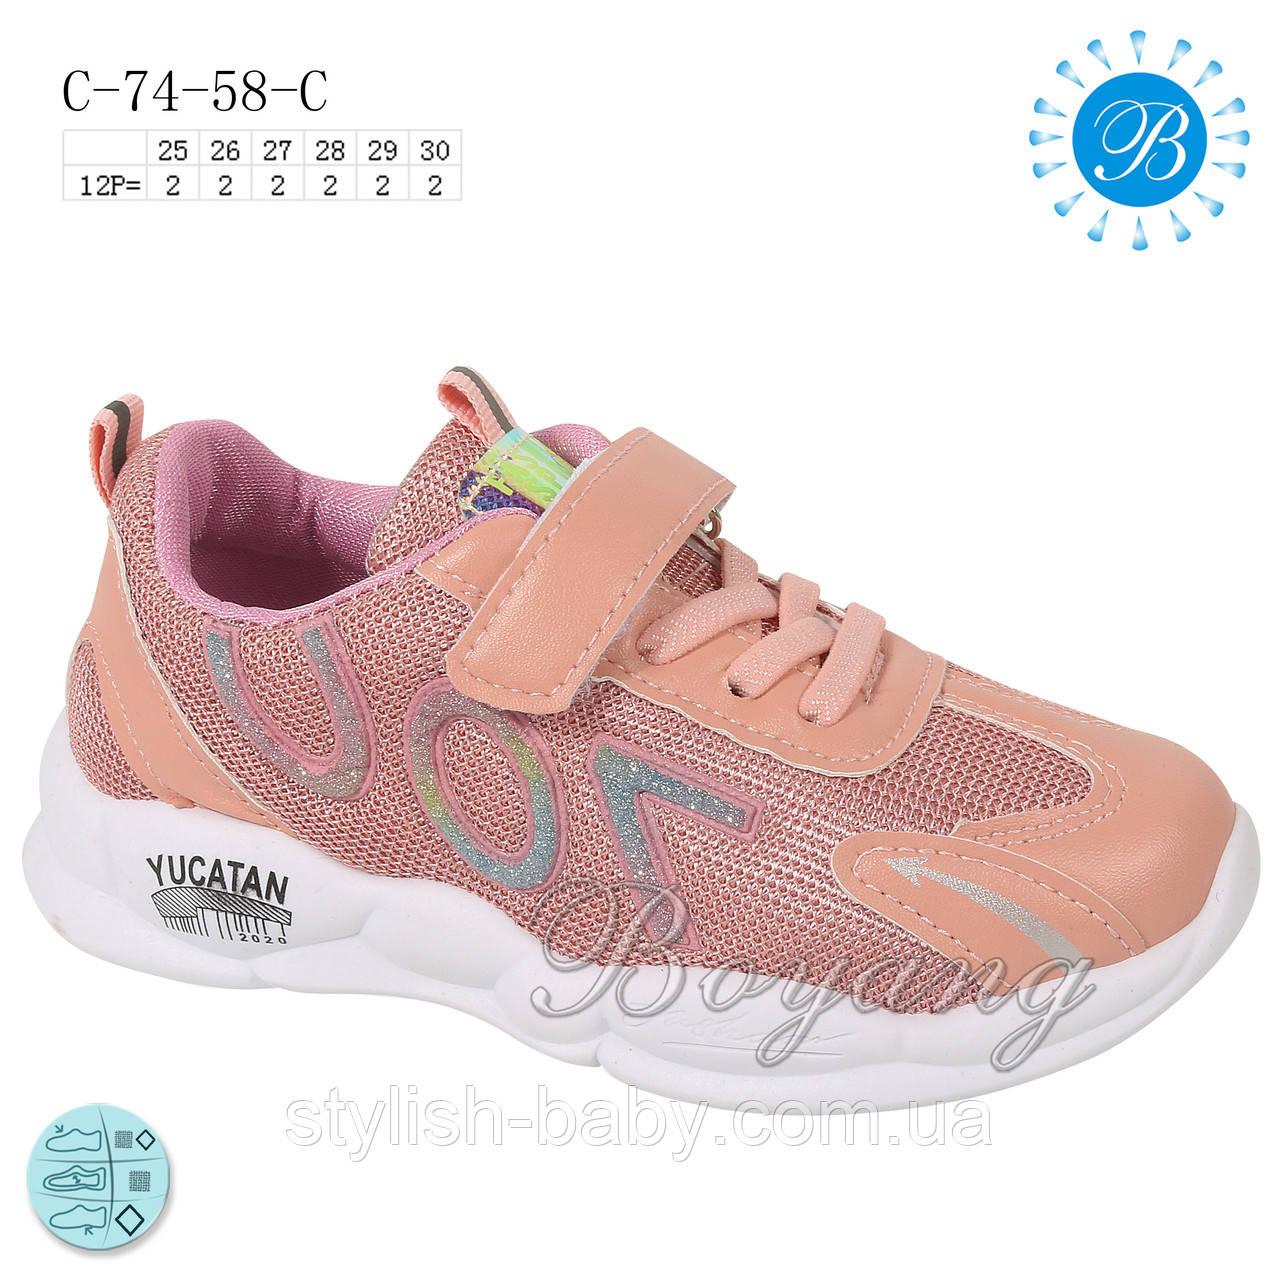 Детская обувь 2020 оптом. Детская спортивная обувь бренда Tom.m - Boyang для девочек (рр. с 25 по 30)